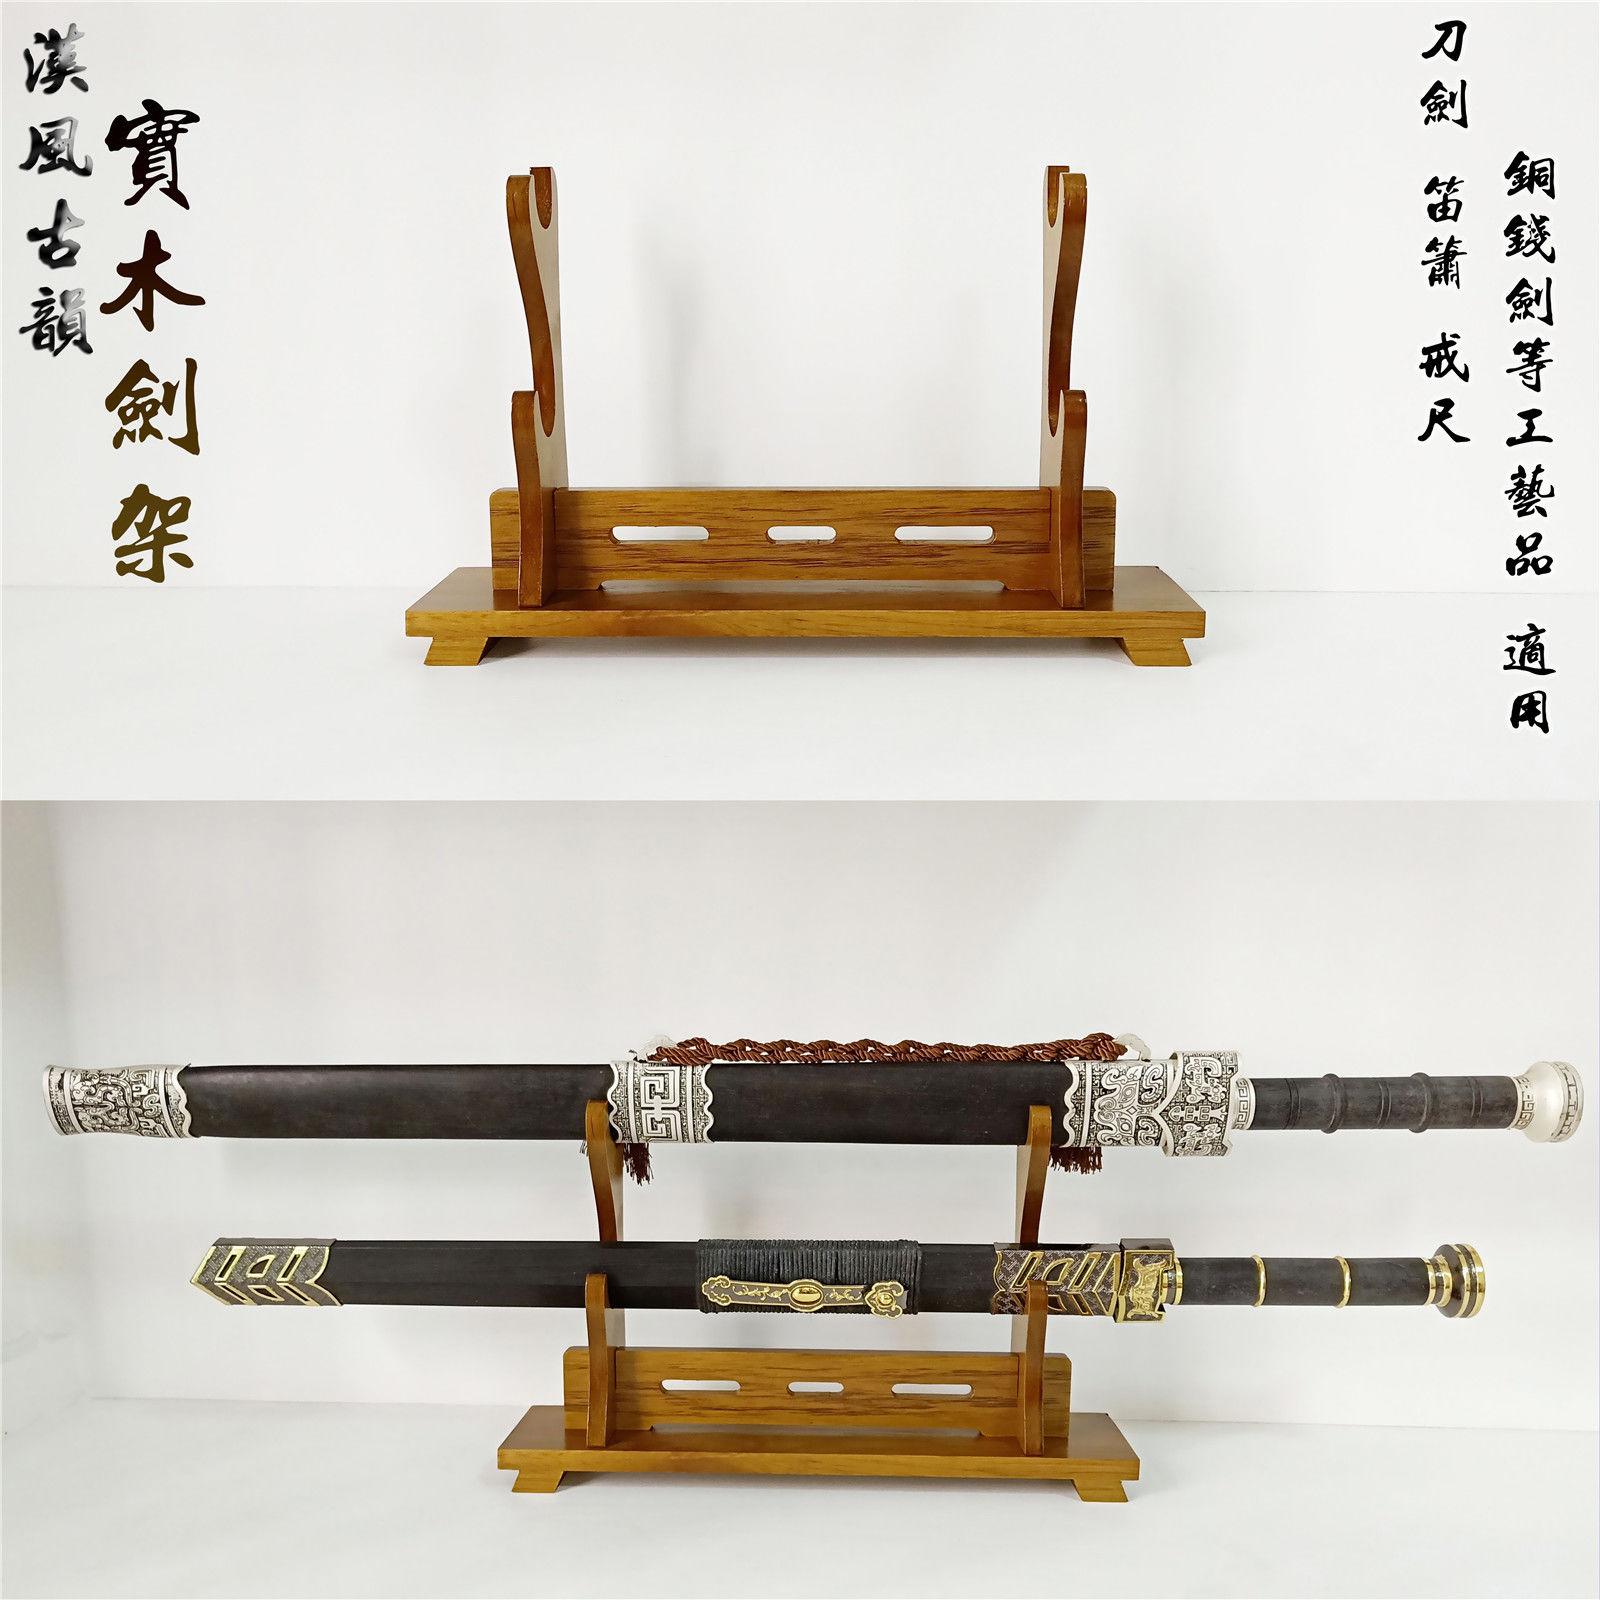 龙泉宝剑架实木刀剑架子剑托笛子架箫架子铜钱剑架笔架工艺品支架